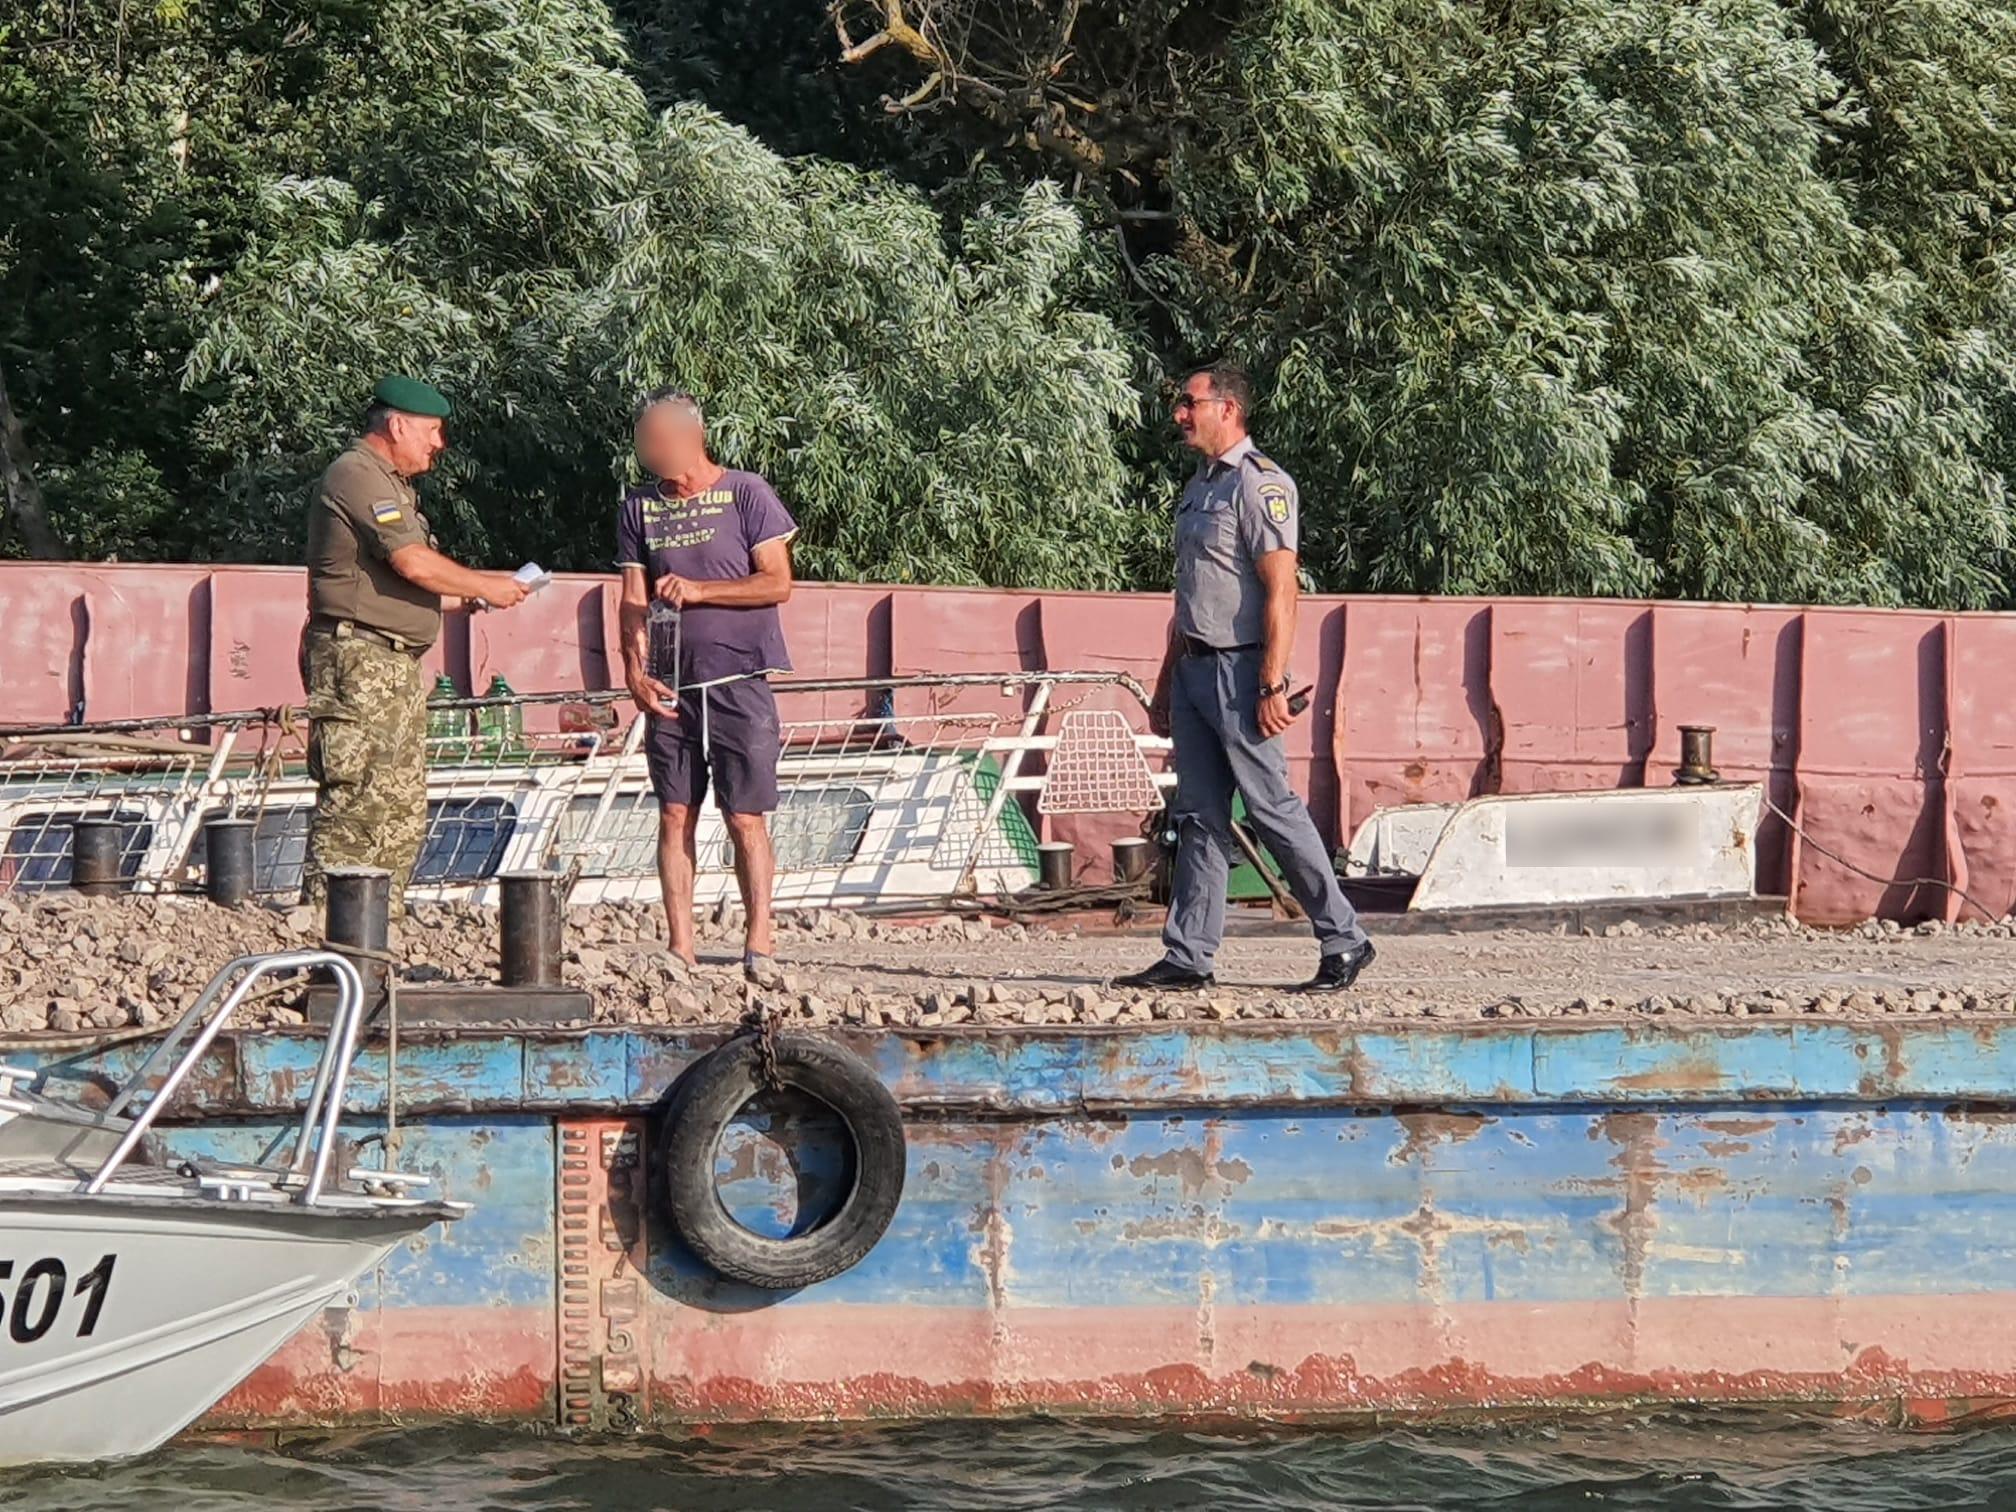 """Дунай попутал: румынский """"толкач"""" нарушил границу, зайдя во внутренние воды Украины"""